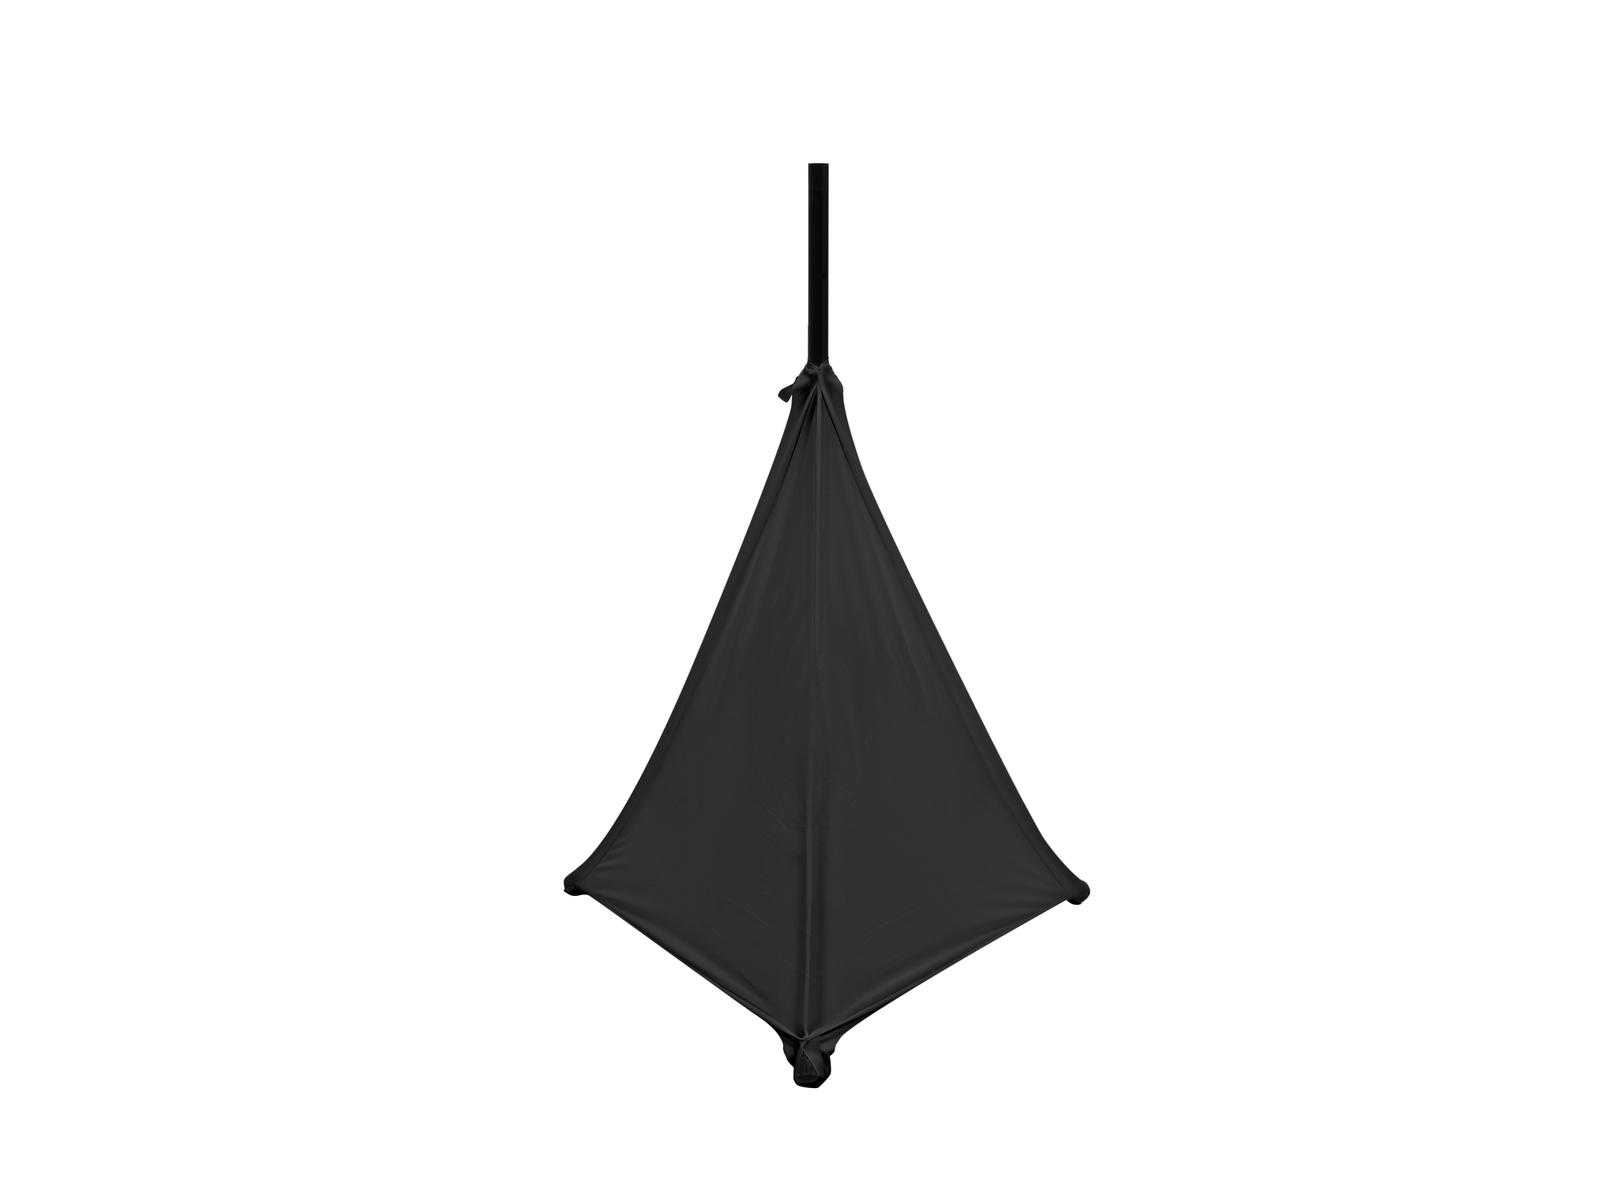 Eurolite Tripod Cover 3, elastický návlek na stojan, černý